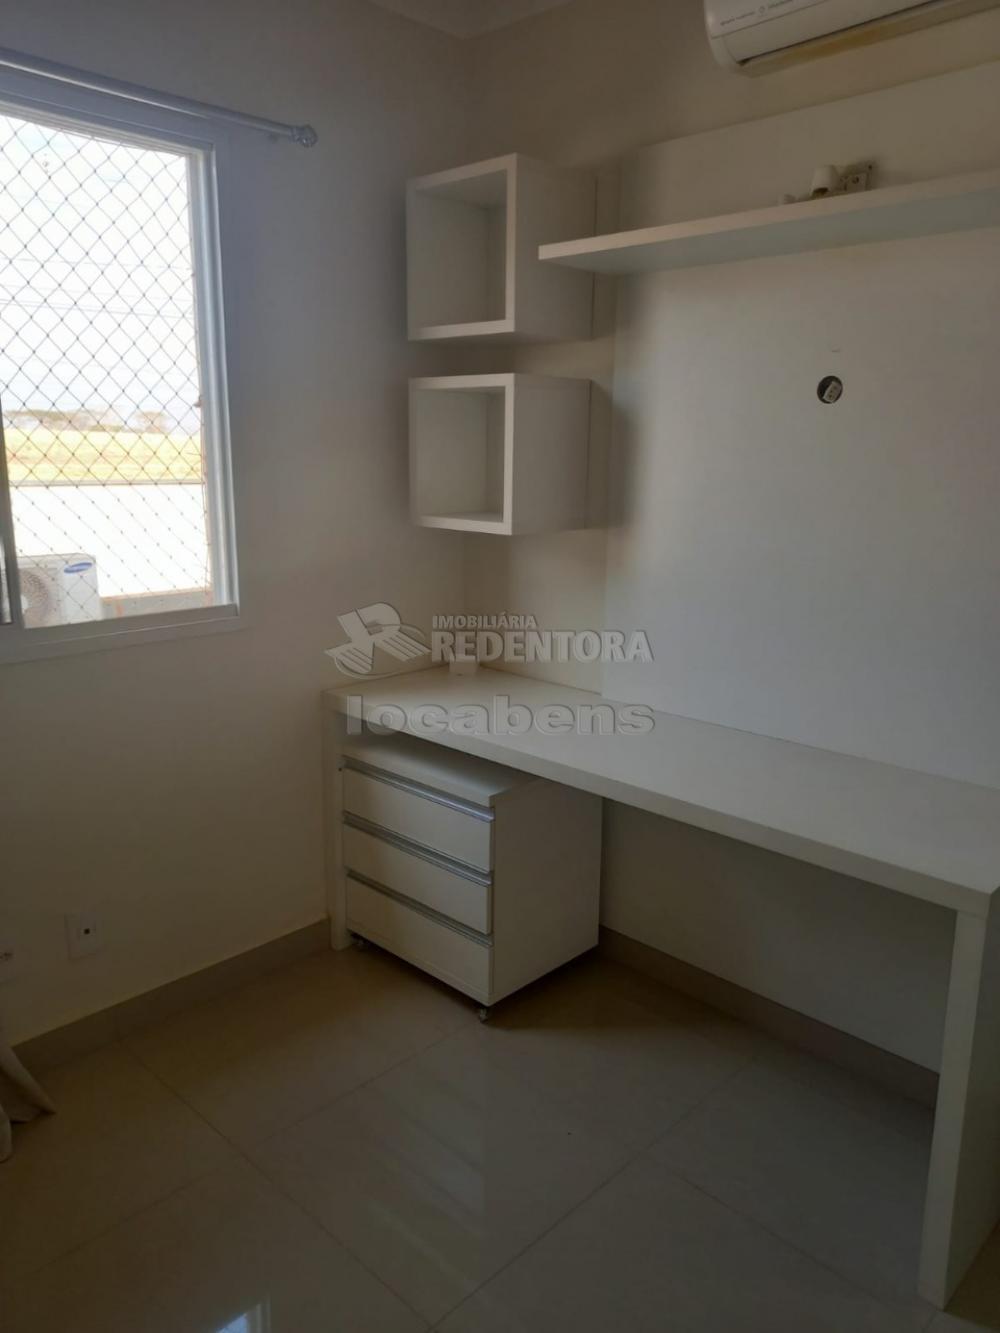 Comprar Casa / Condomínio em São José do Rio Preto R$ 620.000,00 - Foto 9